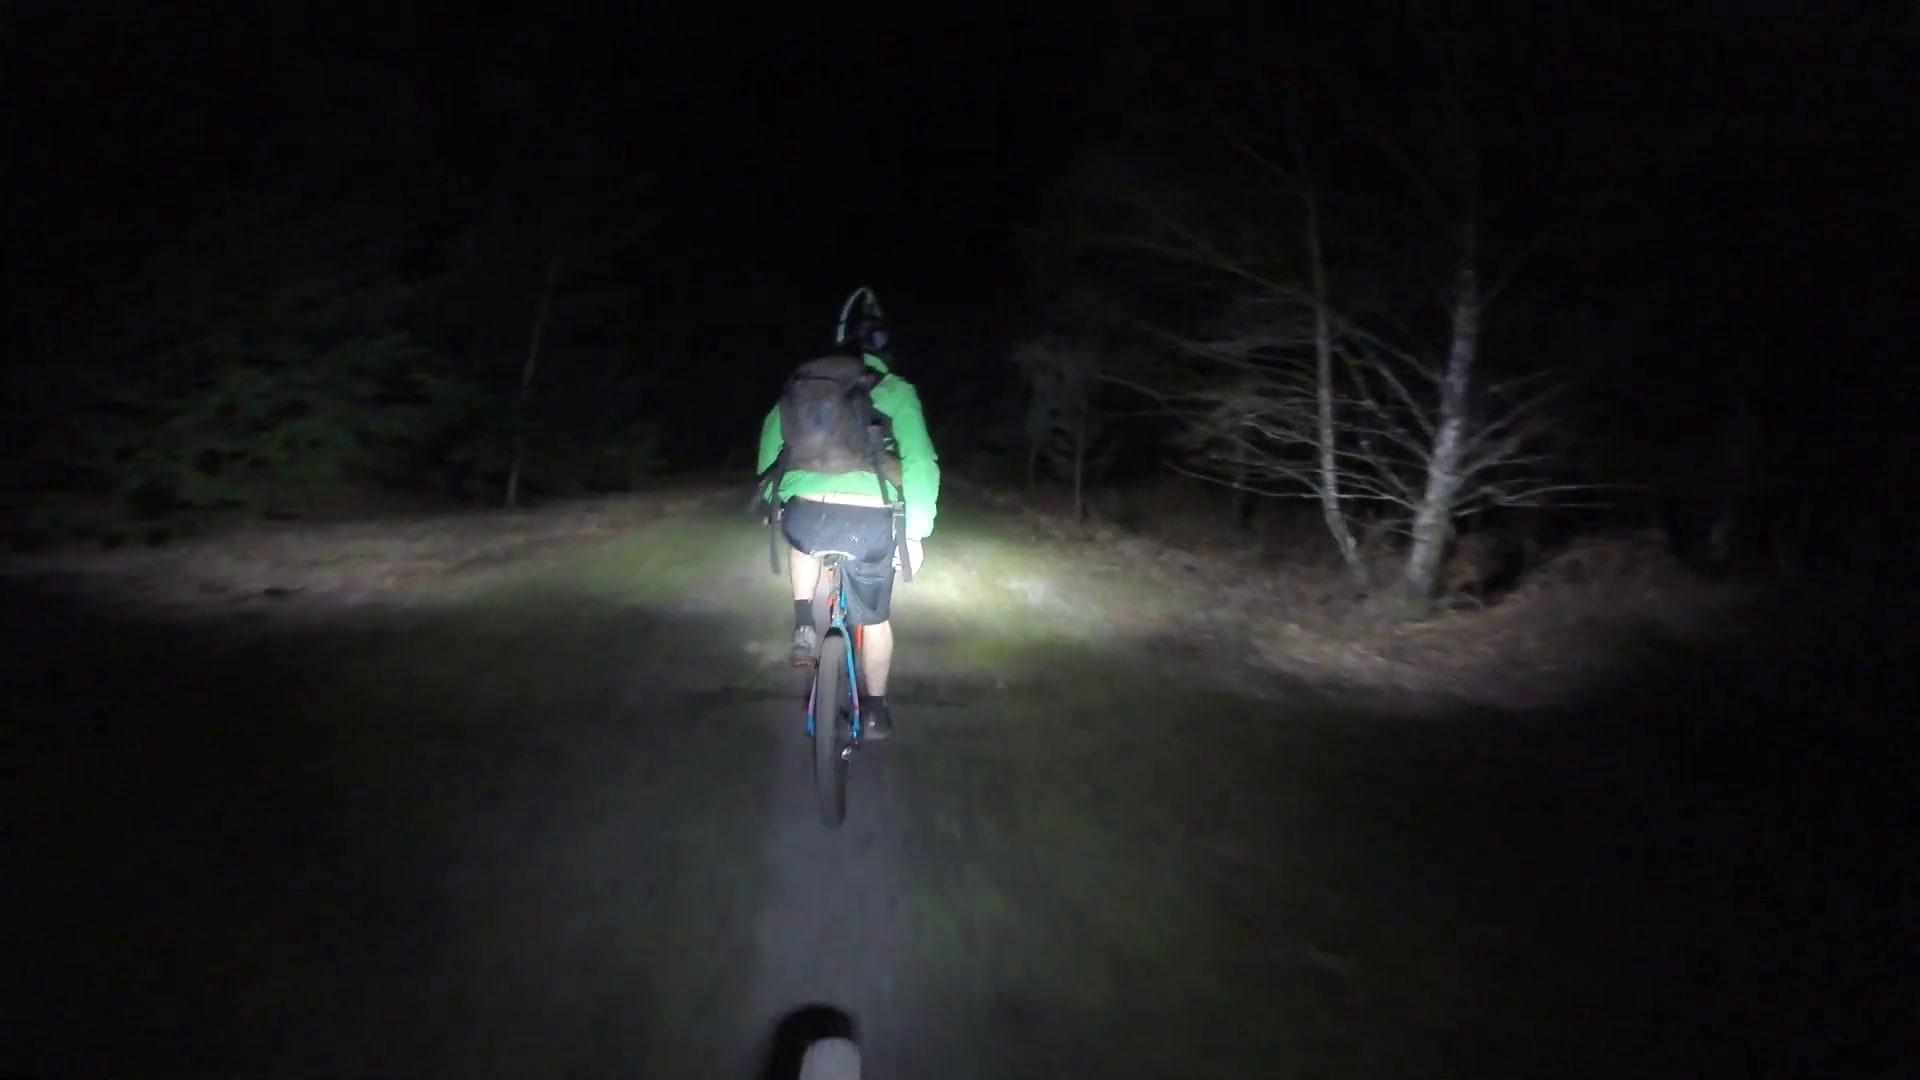 dirt bike by night uk downhill